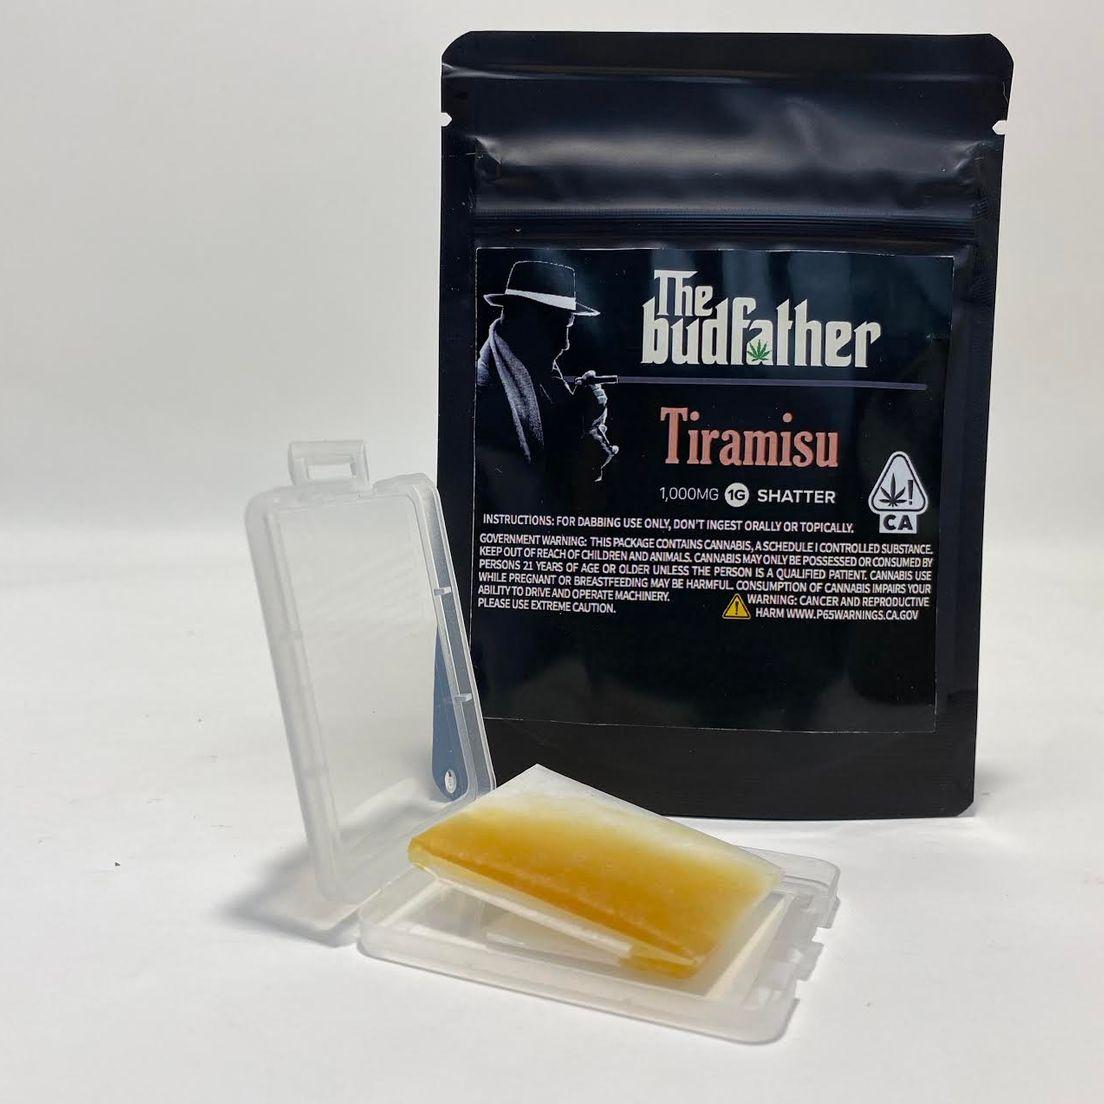 Budfather Tiramisu 1g Shatter 84%